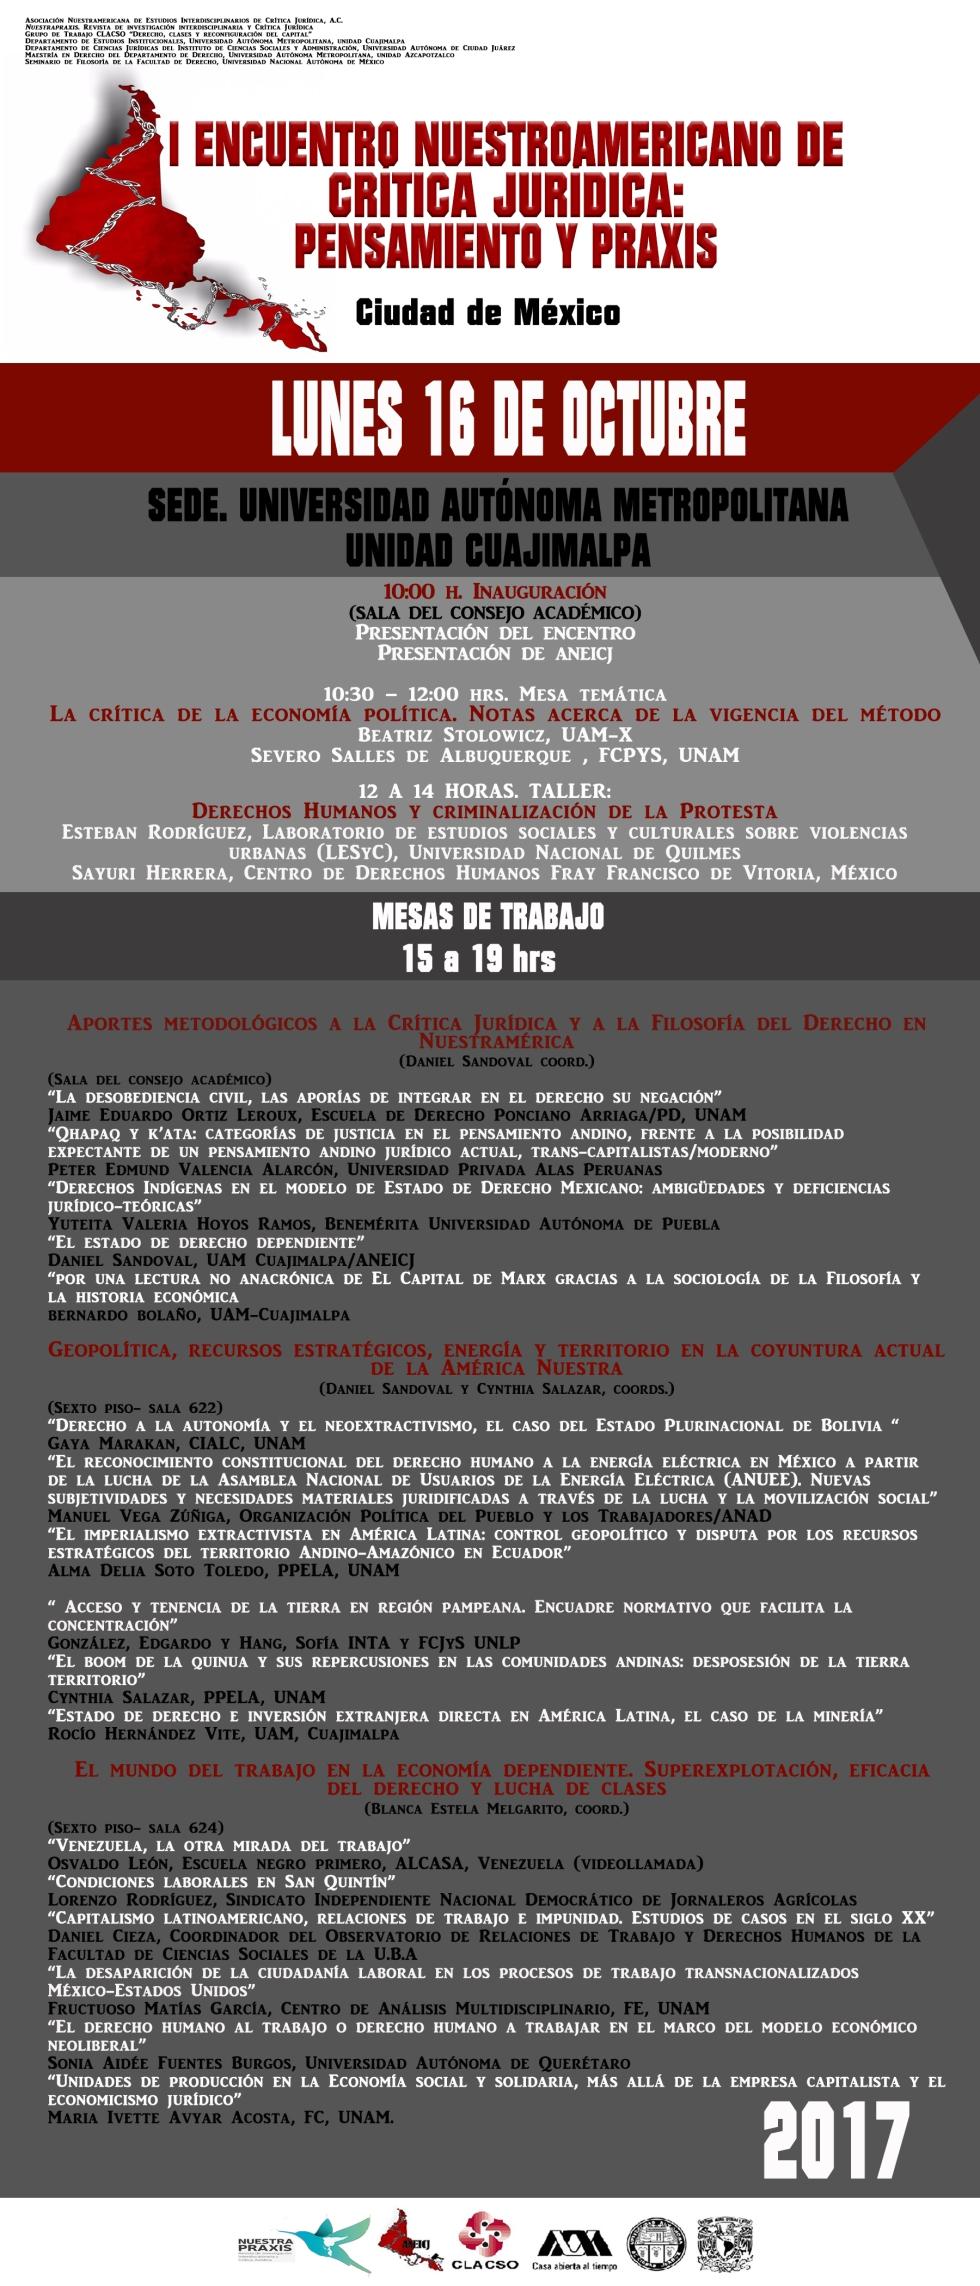 LUNES. ENCUENTOR NUESTROAMERICANO CRÍTICA JURÍDICA 2017